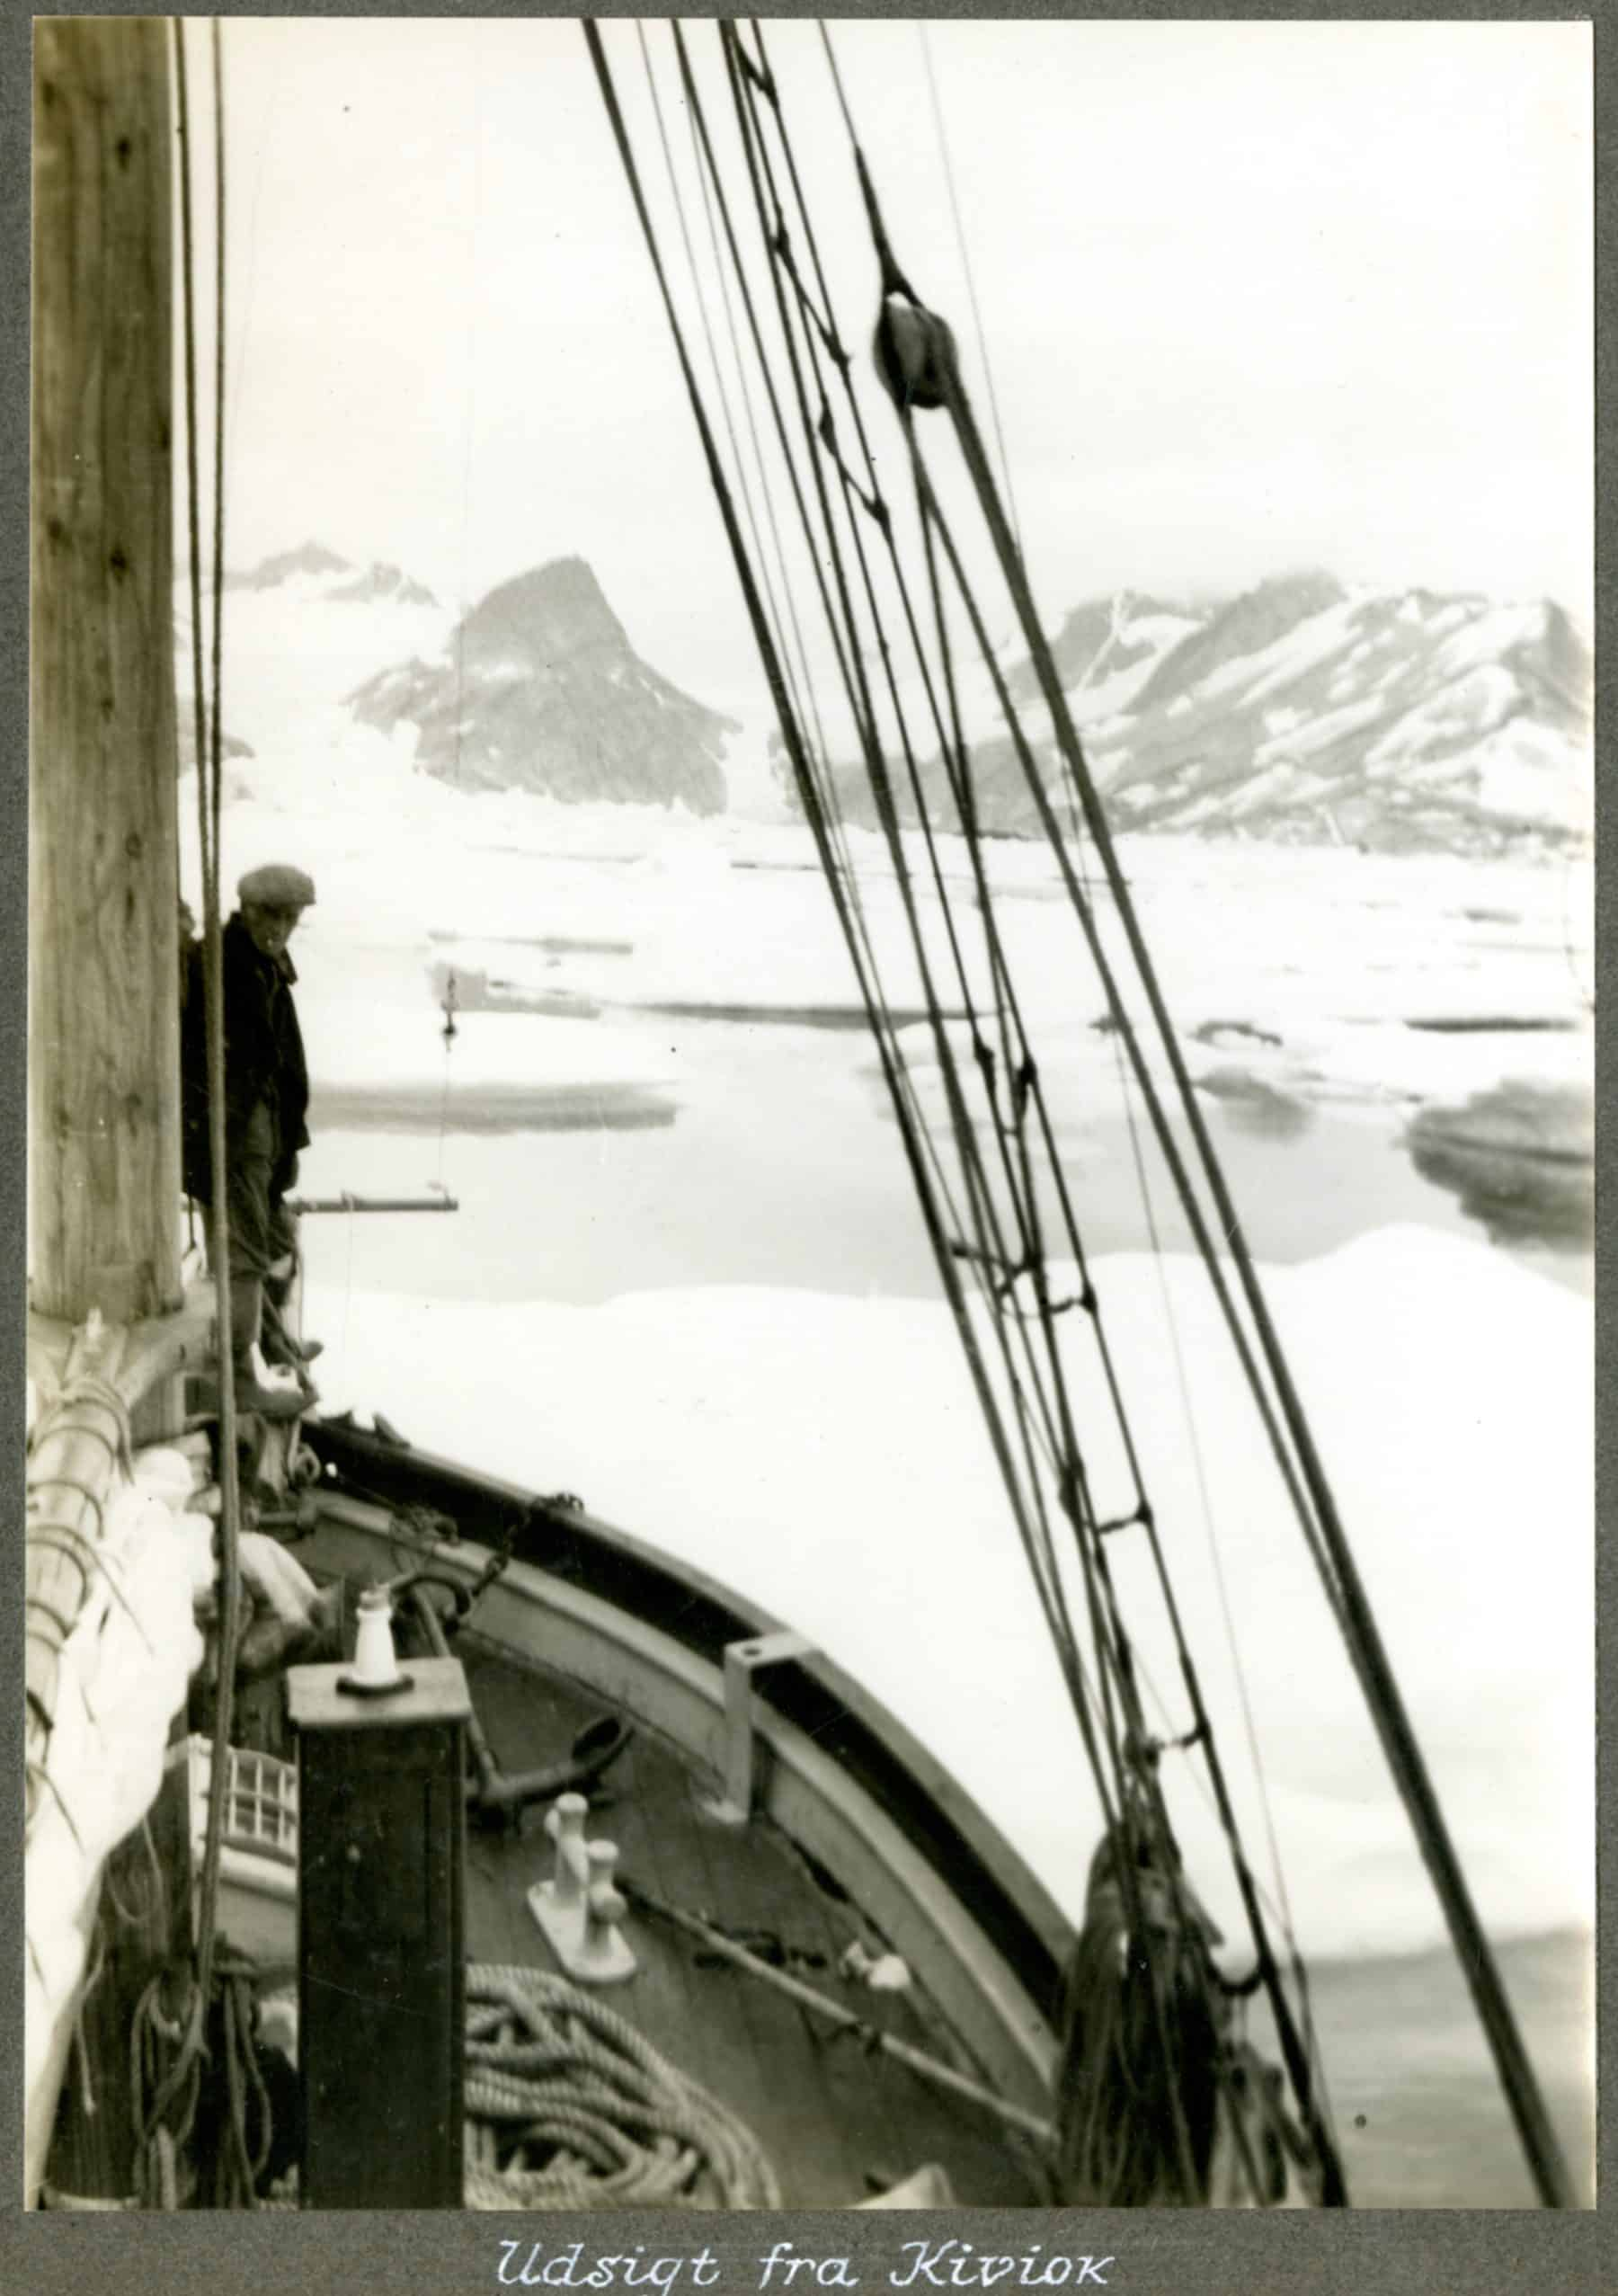 Kivioq foto fra Knud Rasmussen Arkivet - 3